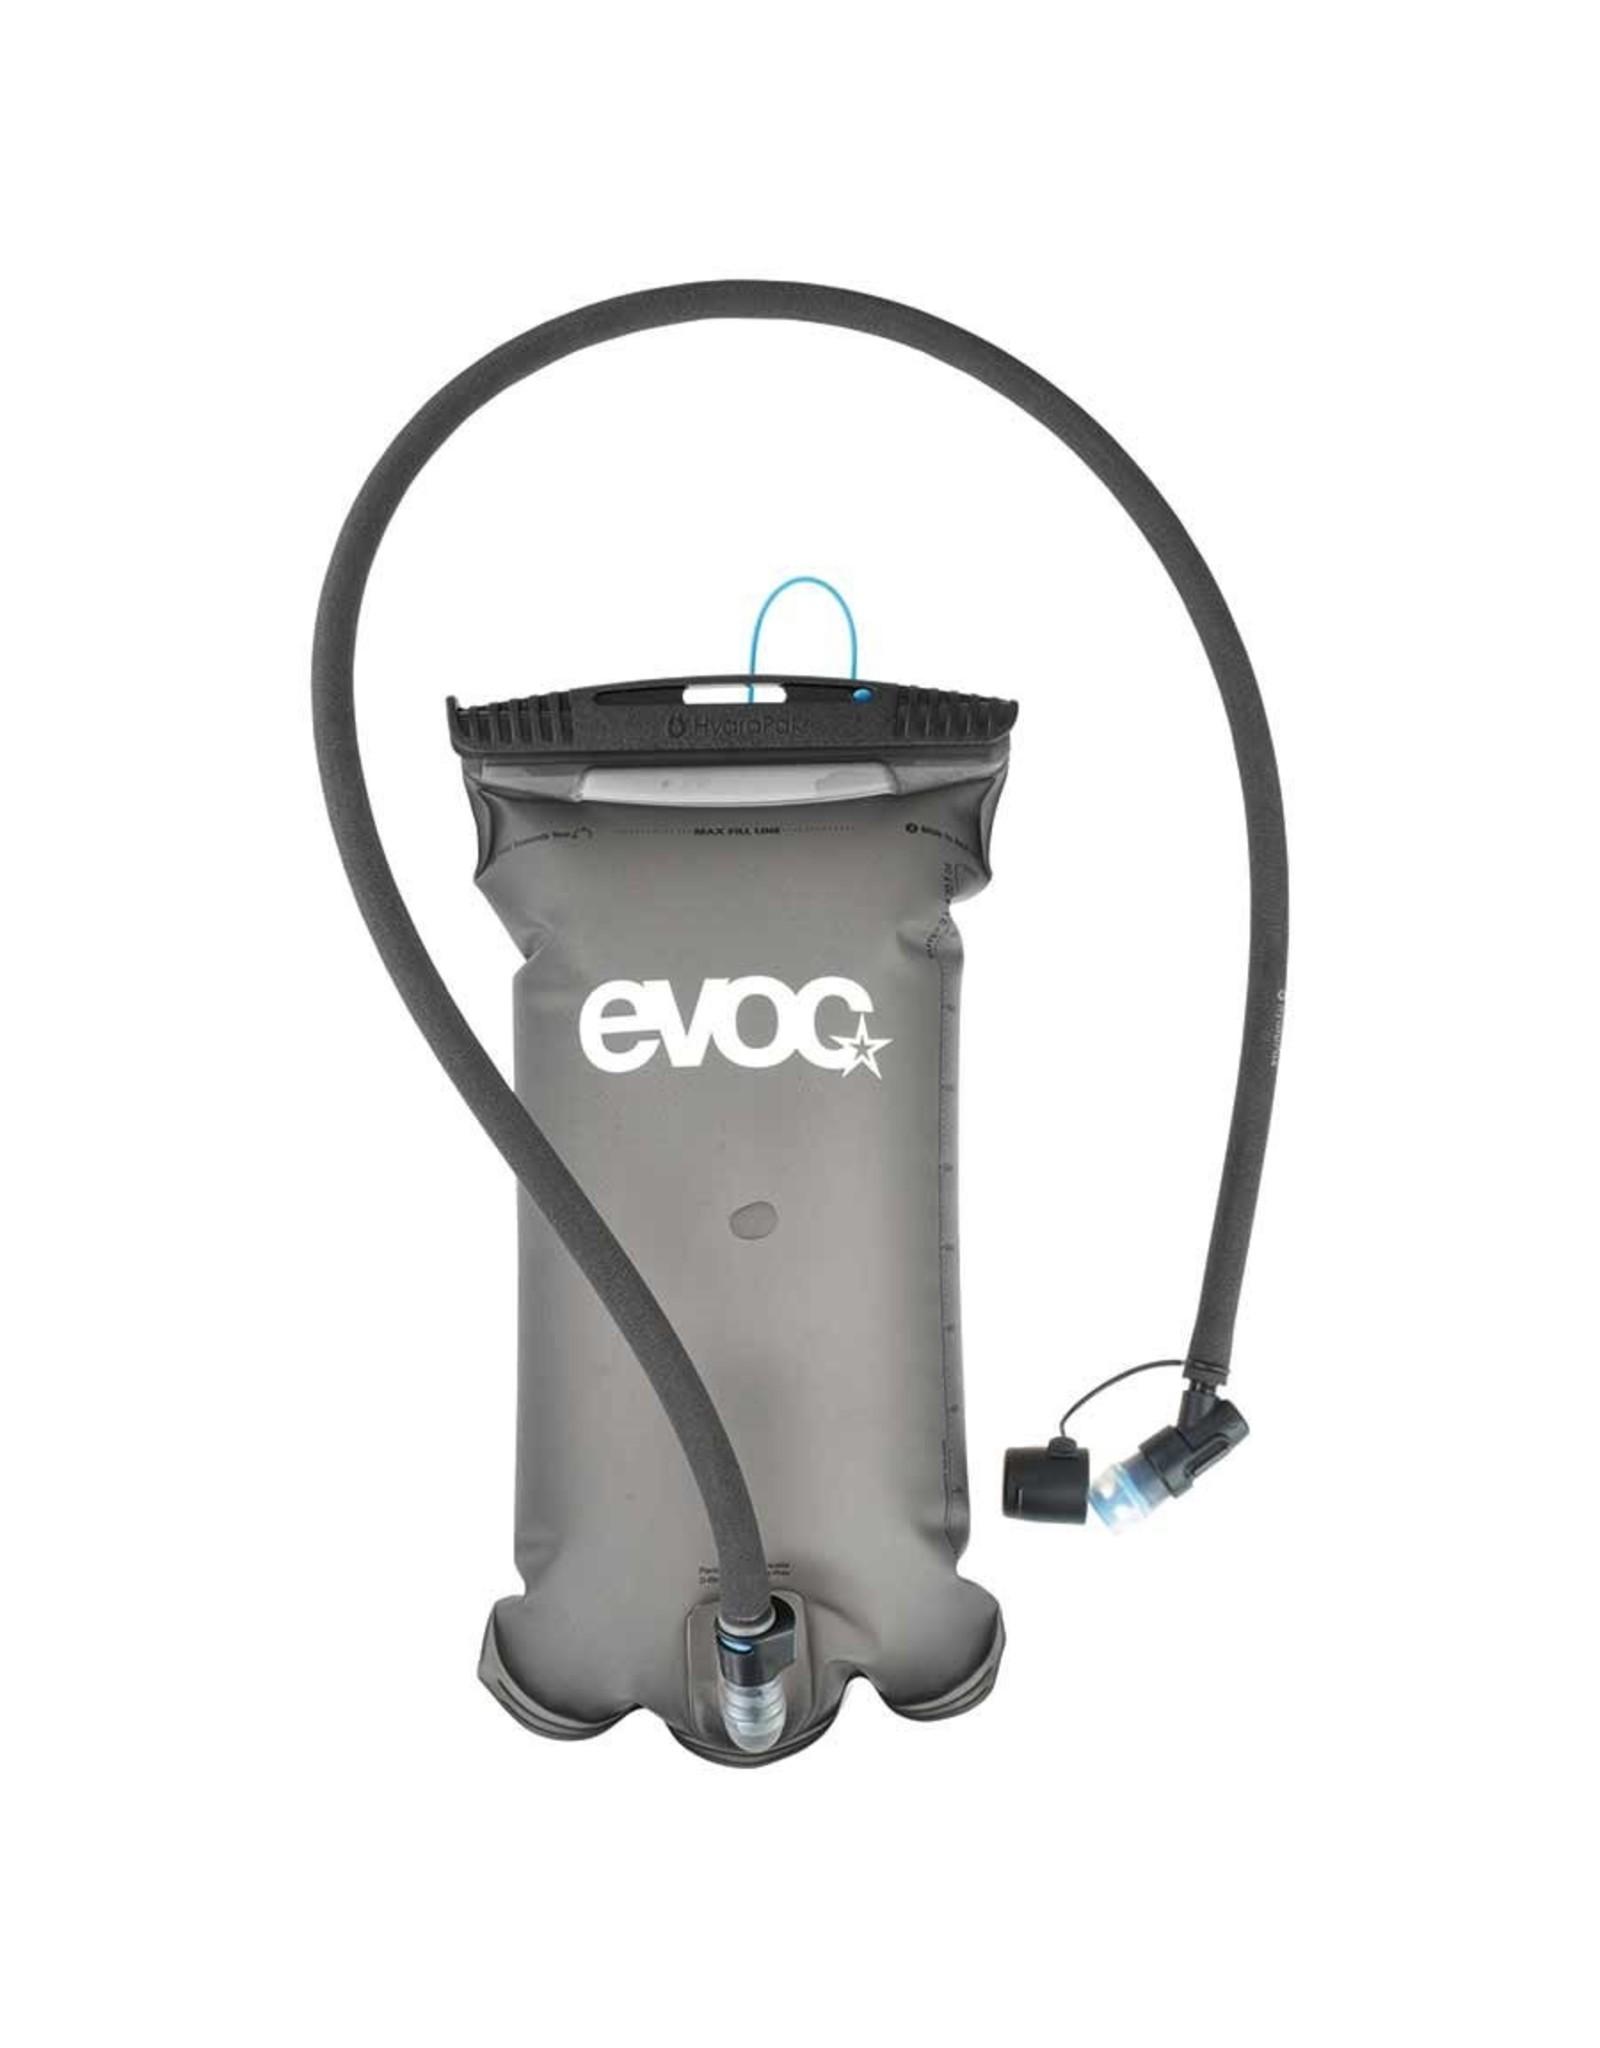 EVOC EVOC, Hydration Bladder, 2L, Carbon Grey